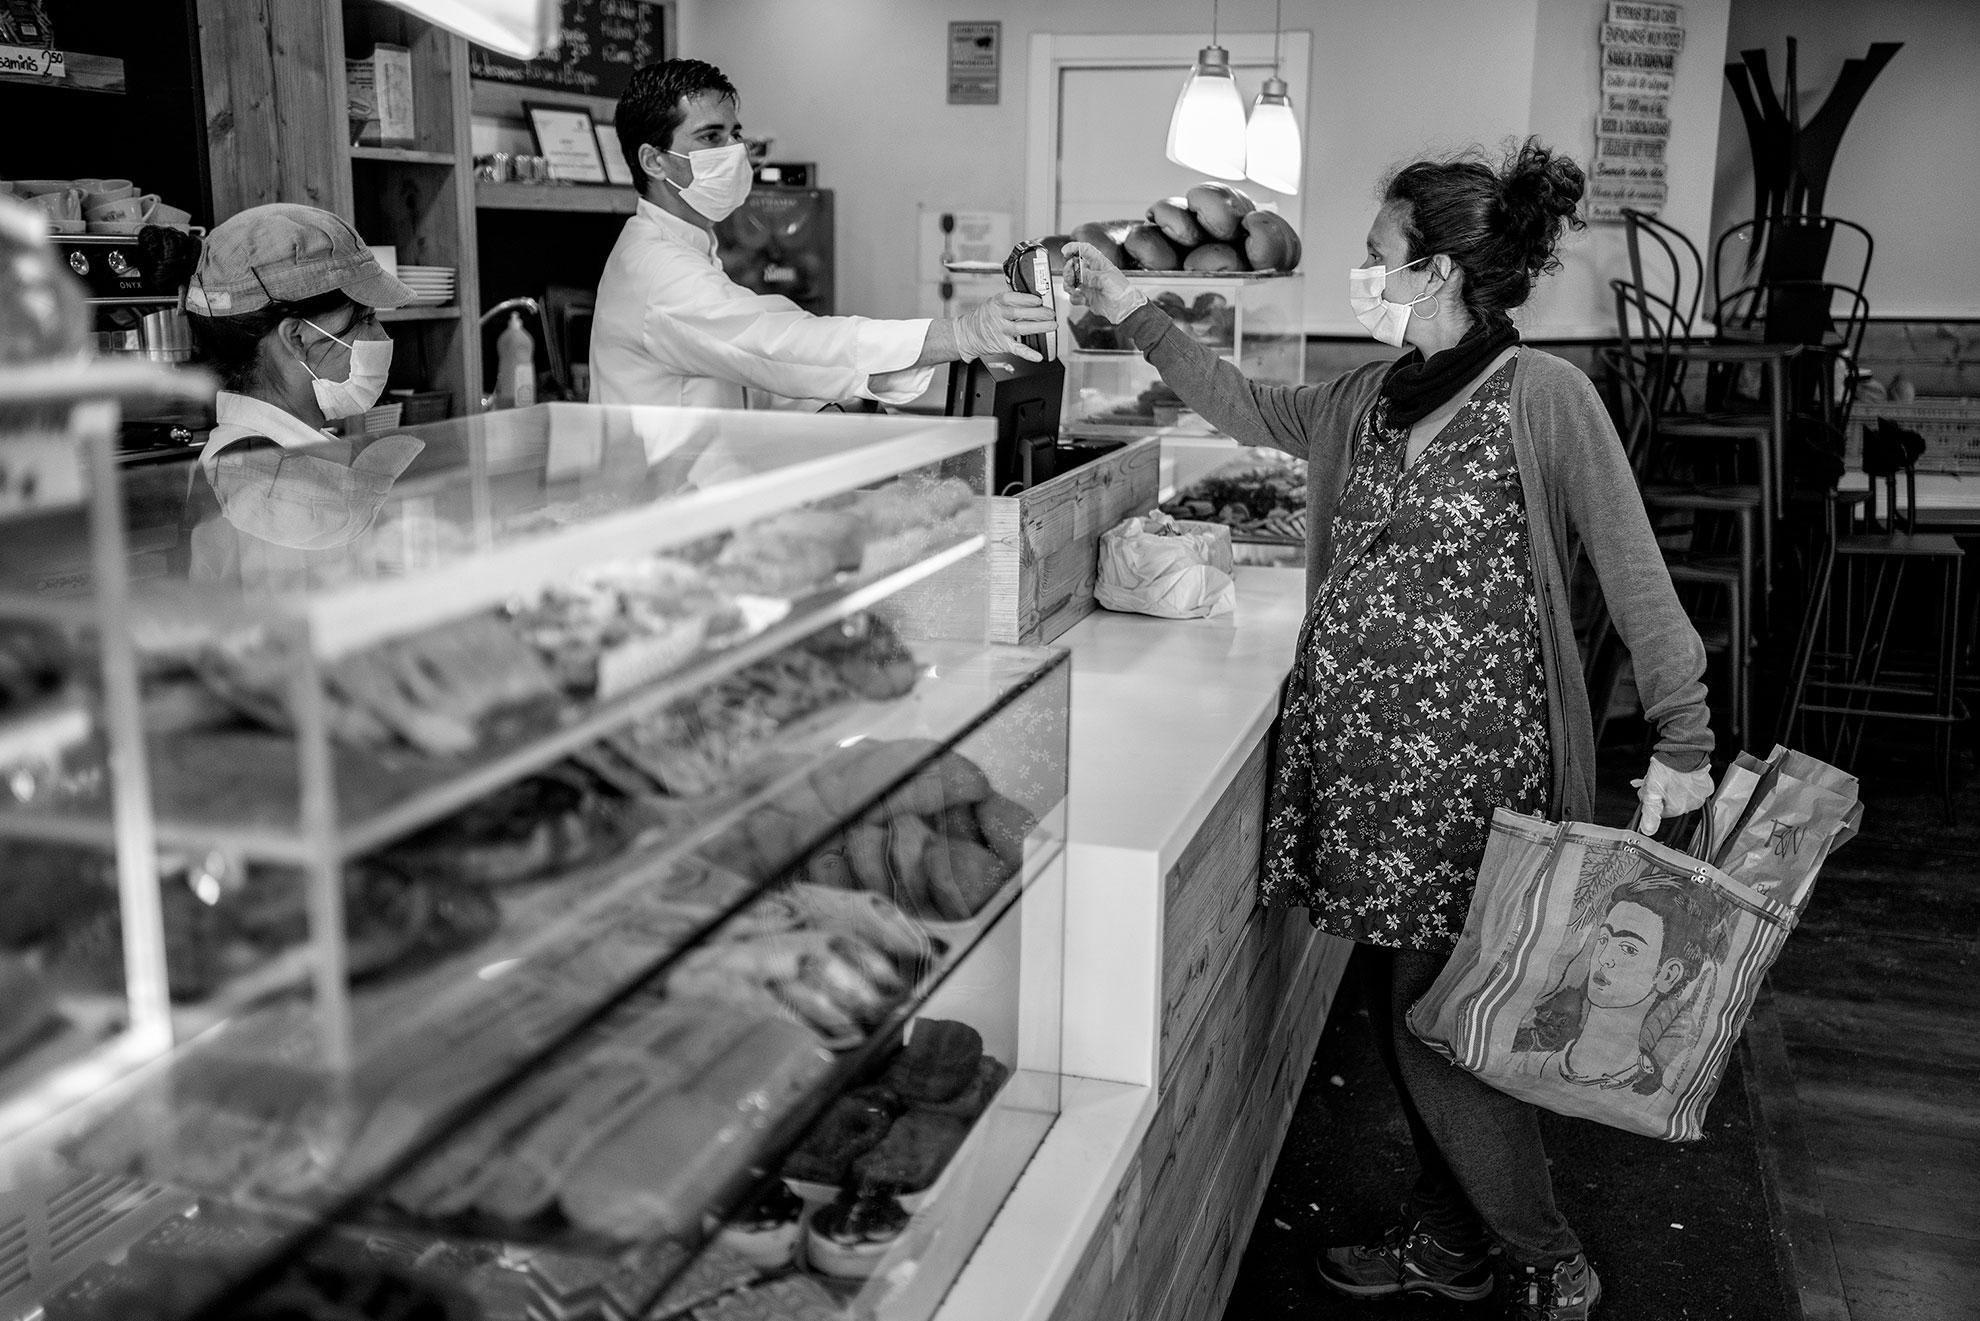 """En ciudades grandes como Madrid, llamamos """"hacer barrio"""" a ese gusto por vivir la cotidianeidad con la cercanía de los pueblos, a pesar de las prisas o las distancias de las urbes. Algo que siempre me ha encantado. Estos días lo echo de menos, más allá de la hora del aplauso en la que de vez en cuando arañamos unos minutos para charlar desde nuestras ventanas, solo por el gusto de hablar un rato, como en las mejores sobremesas. El sábado, después de semanas sin salir a la calle, bajé a la panadería donde me conocen por mi nombre, saben cómo tomo el café, el pan que me gusta y han visto la evolución de mi embarazo siempre con palabras de cariño. Nos alegramos de vernos. Hicimos barrio."""